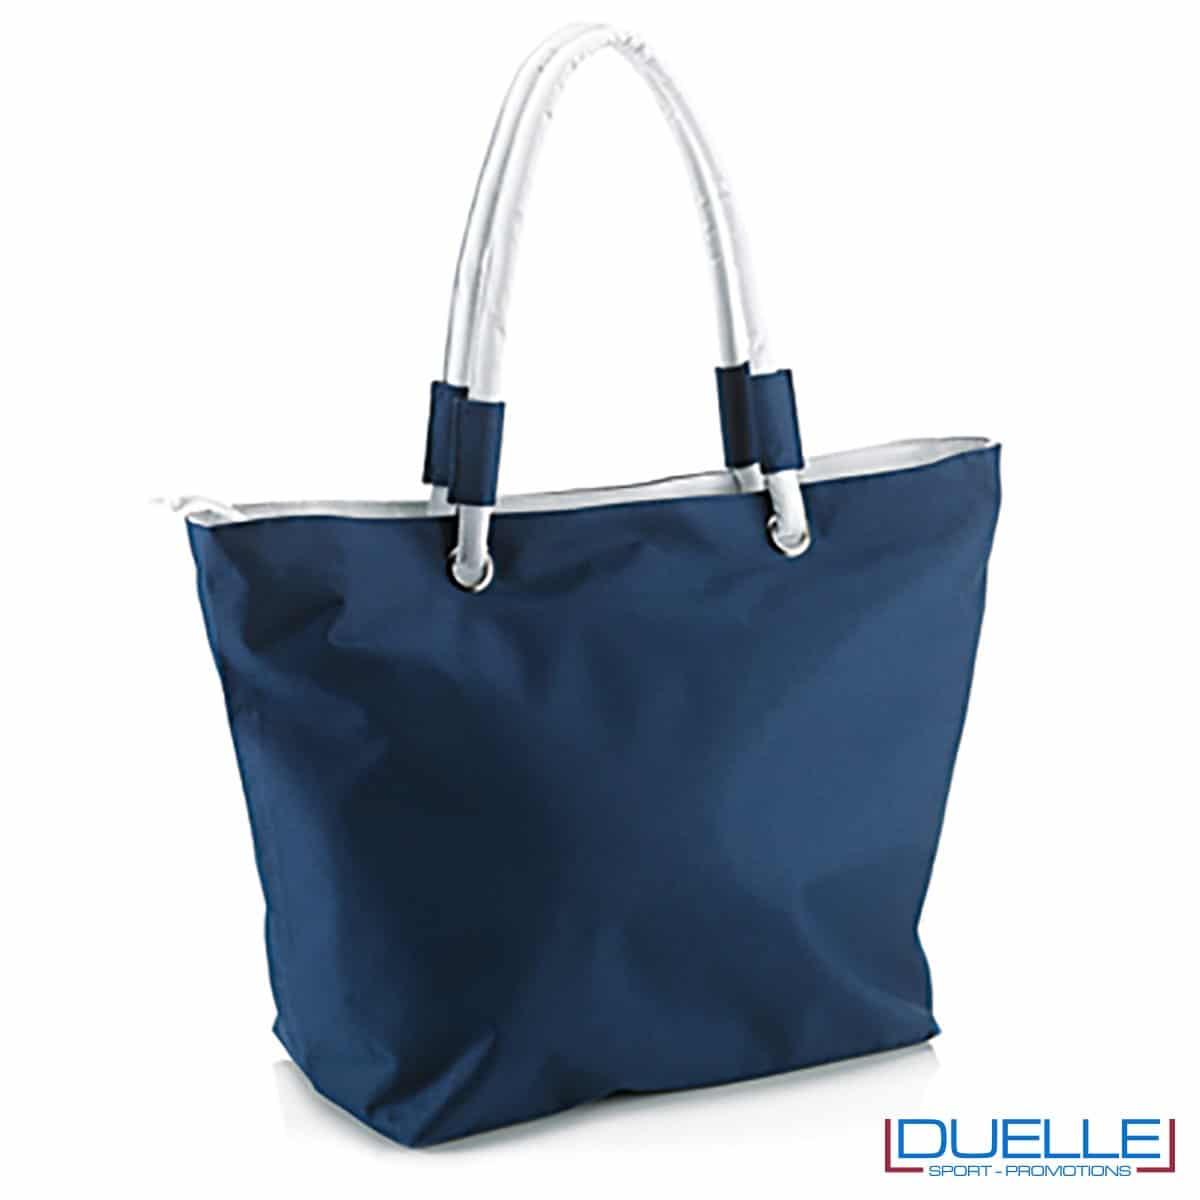 Borsa mare personalizzata colore blu navy